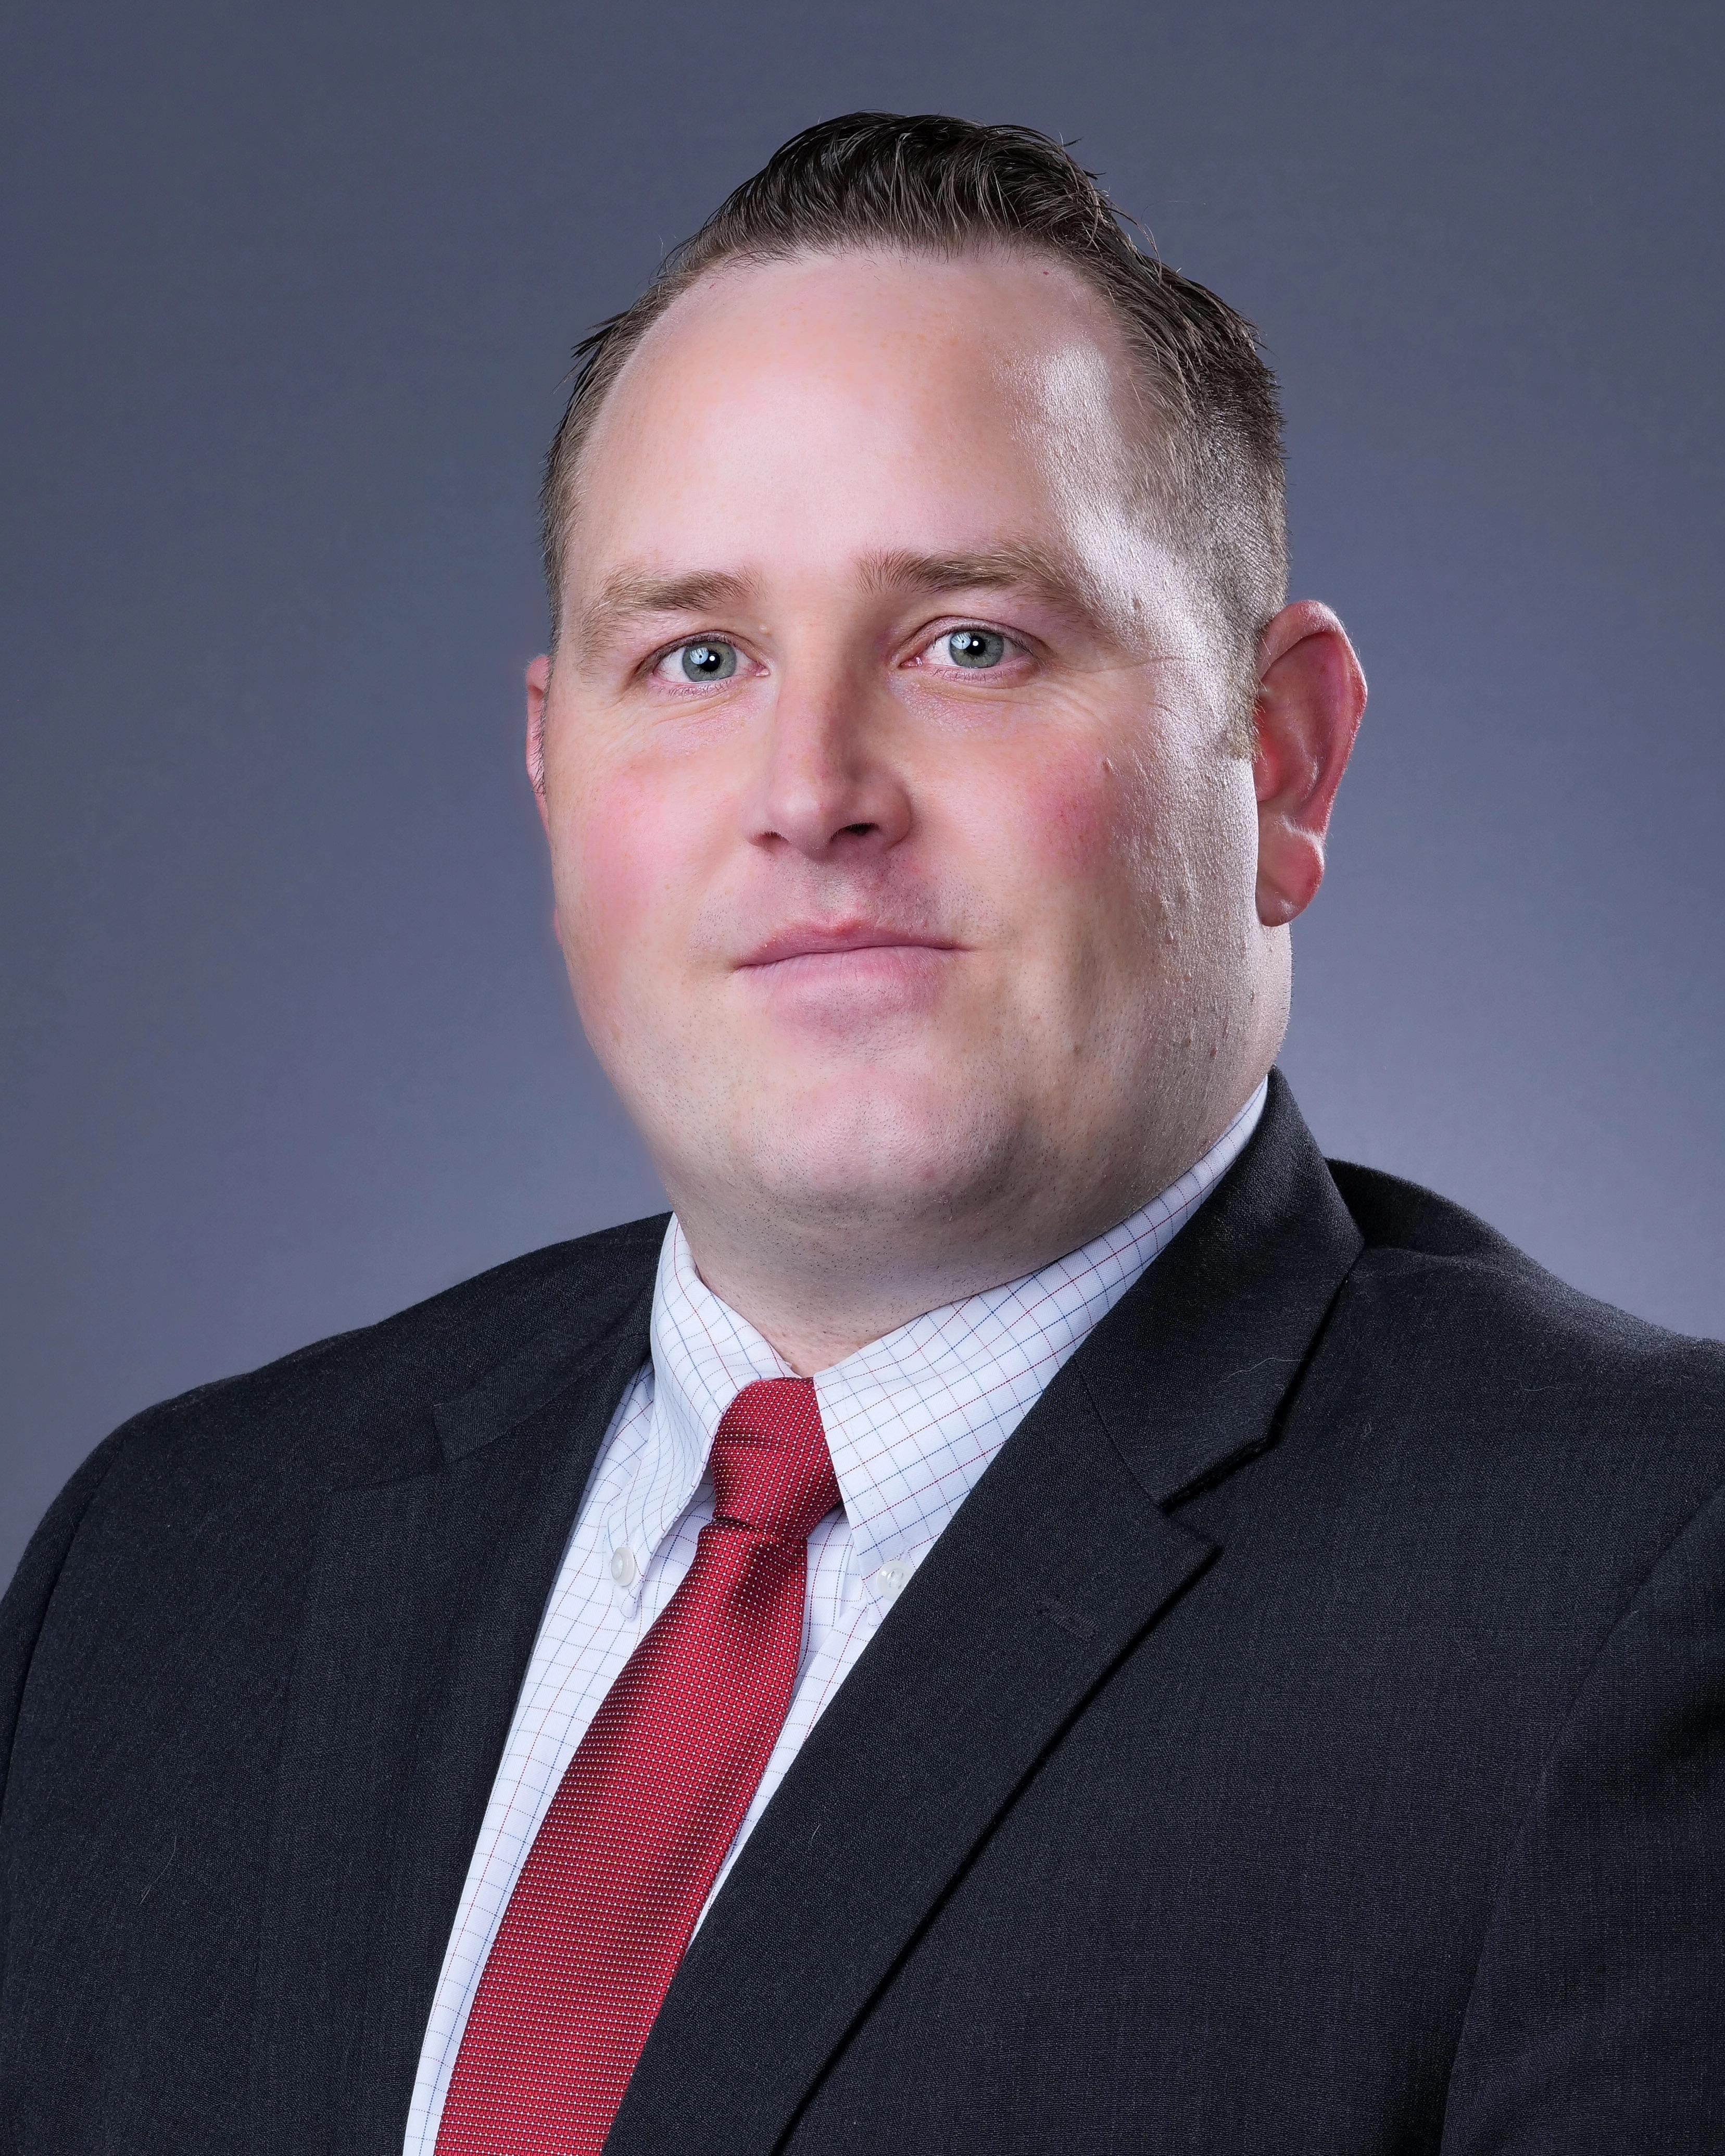 Rory Gryniewicz, Facility Director